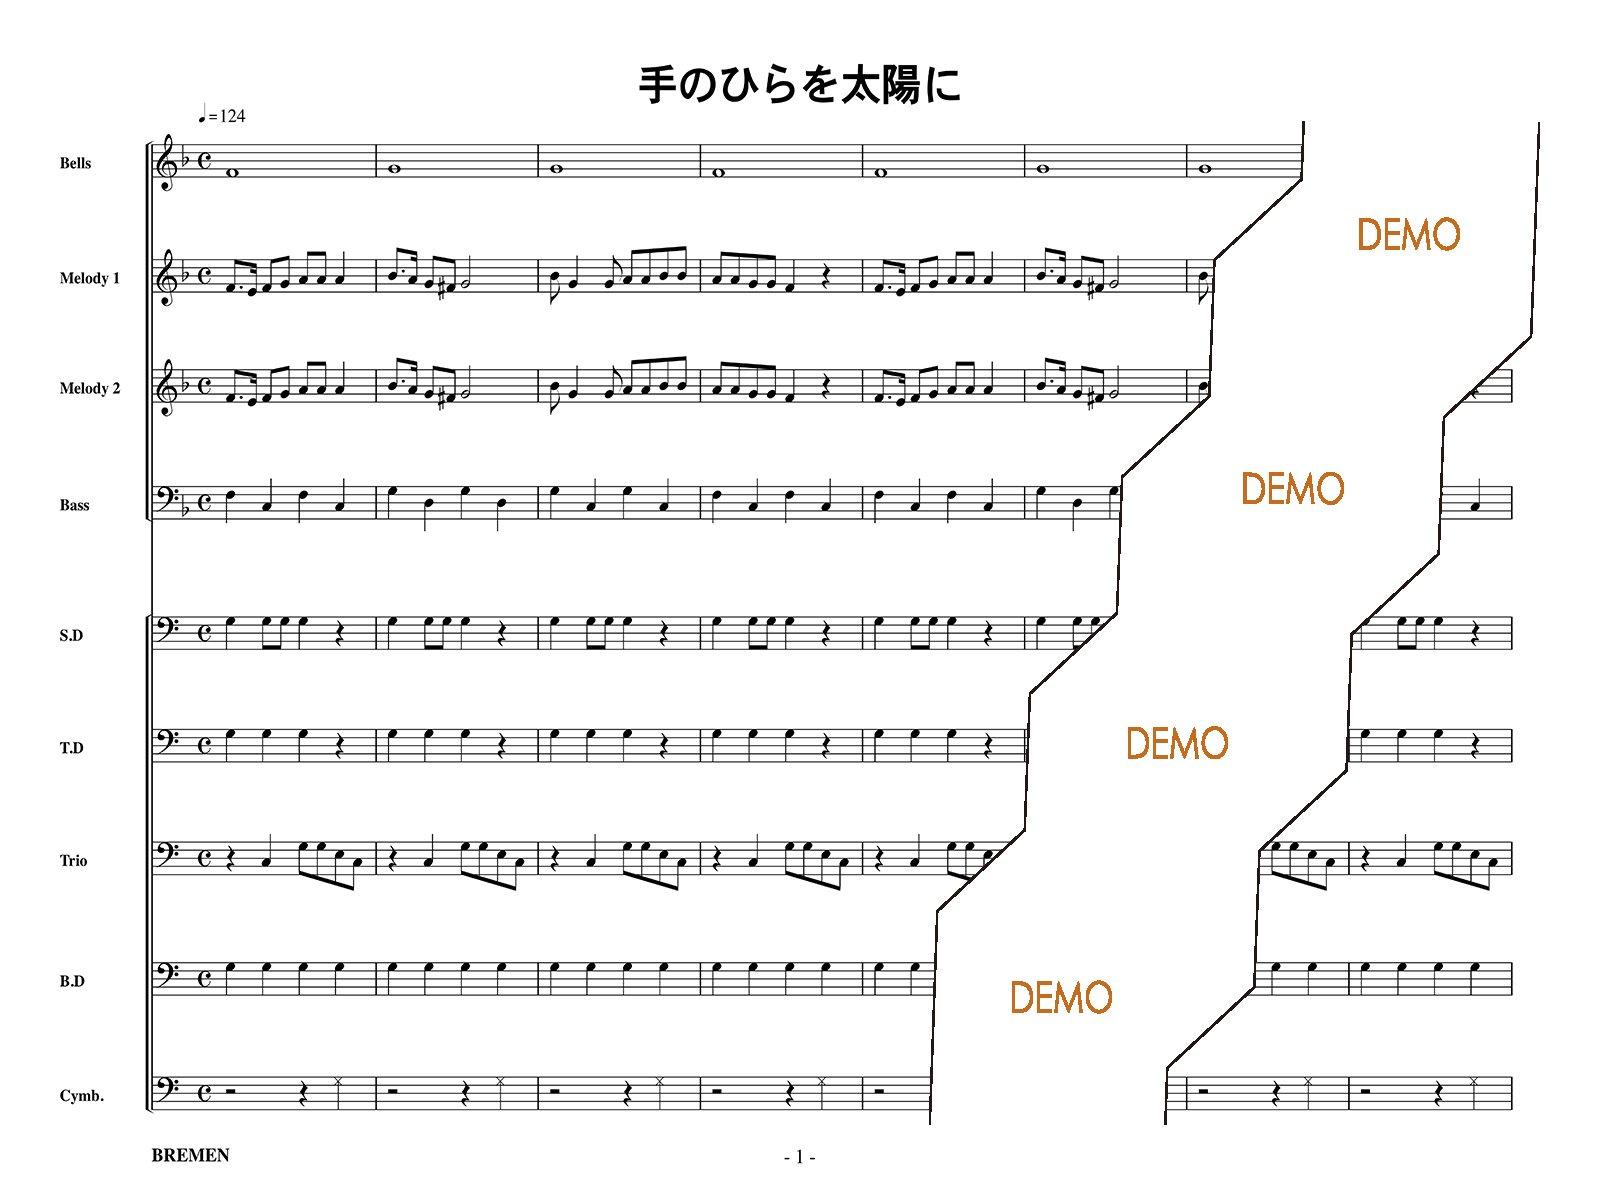 輸入クラシック楽譜やマーチング用品、オリジナル器楽合奏楽譜などのオンラインショッピングサイトです。